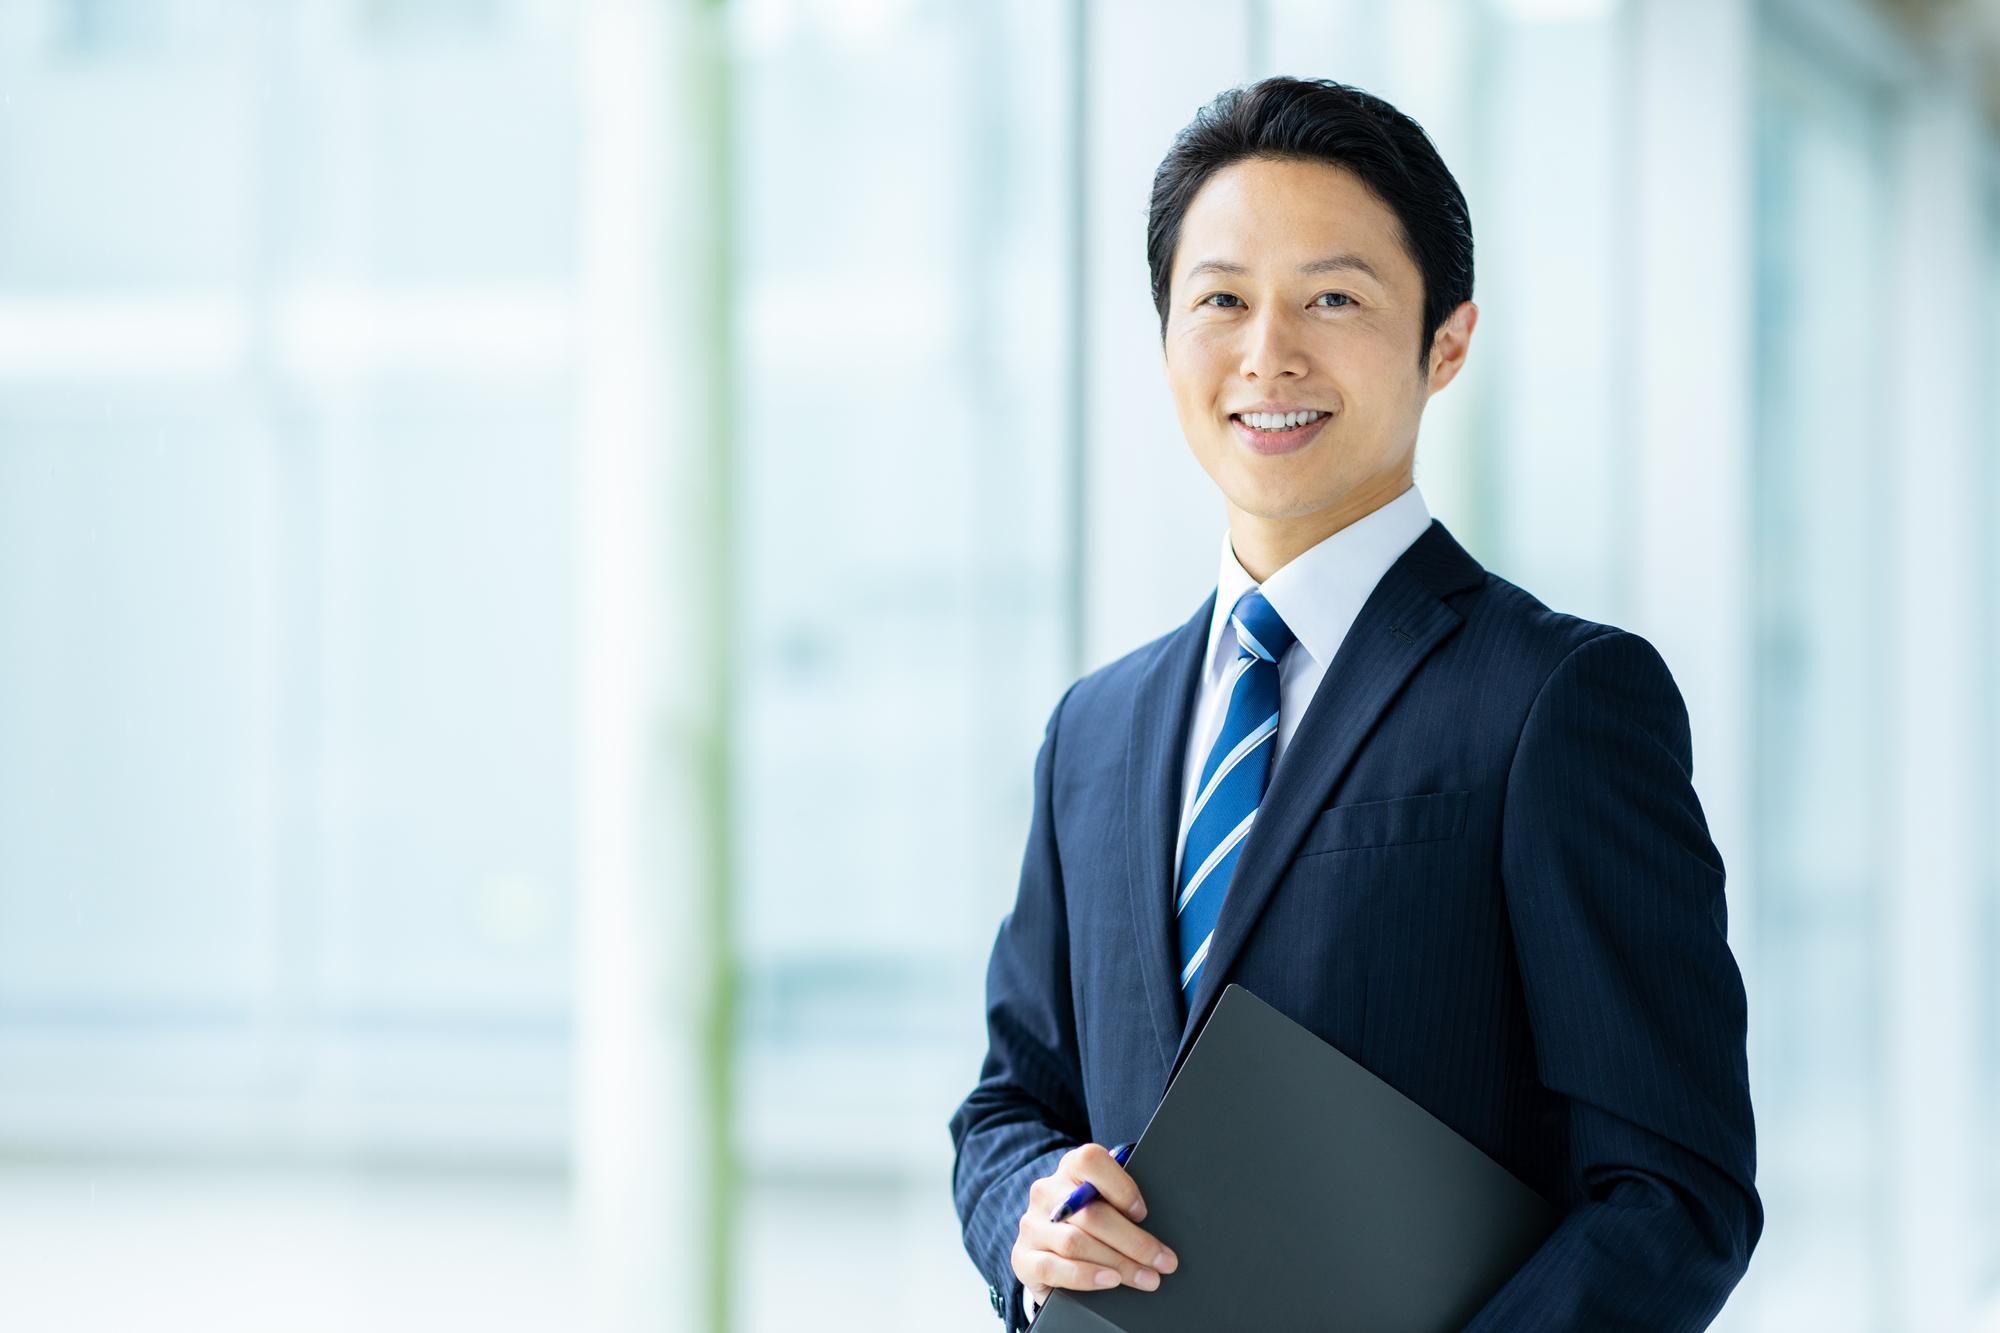 スーツを着た笑顔の男性